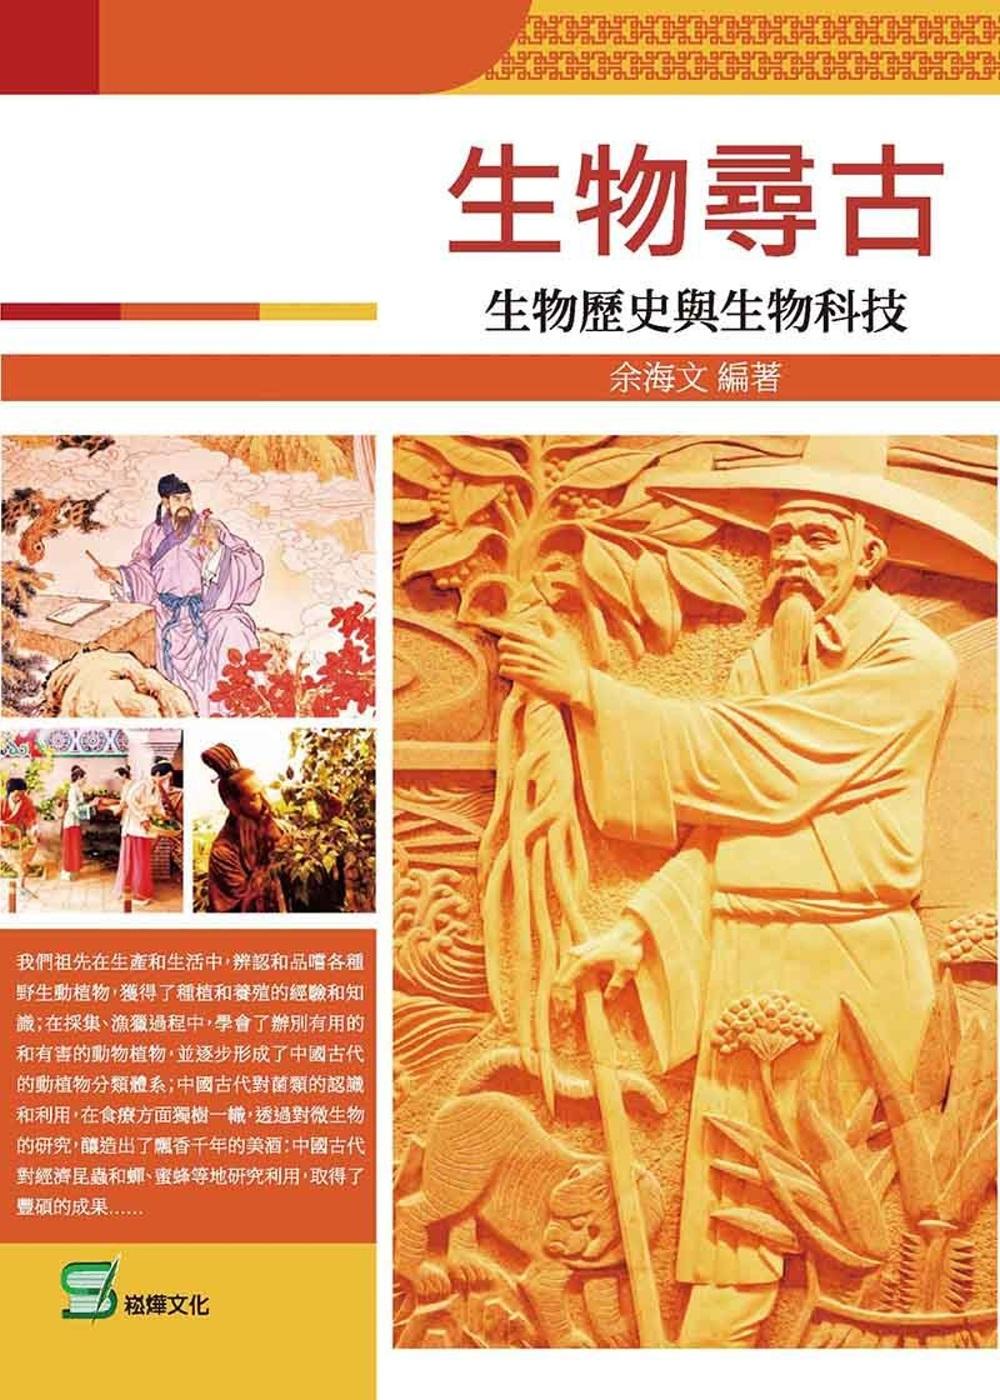 生物尋古:生物歷史與生物科技